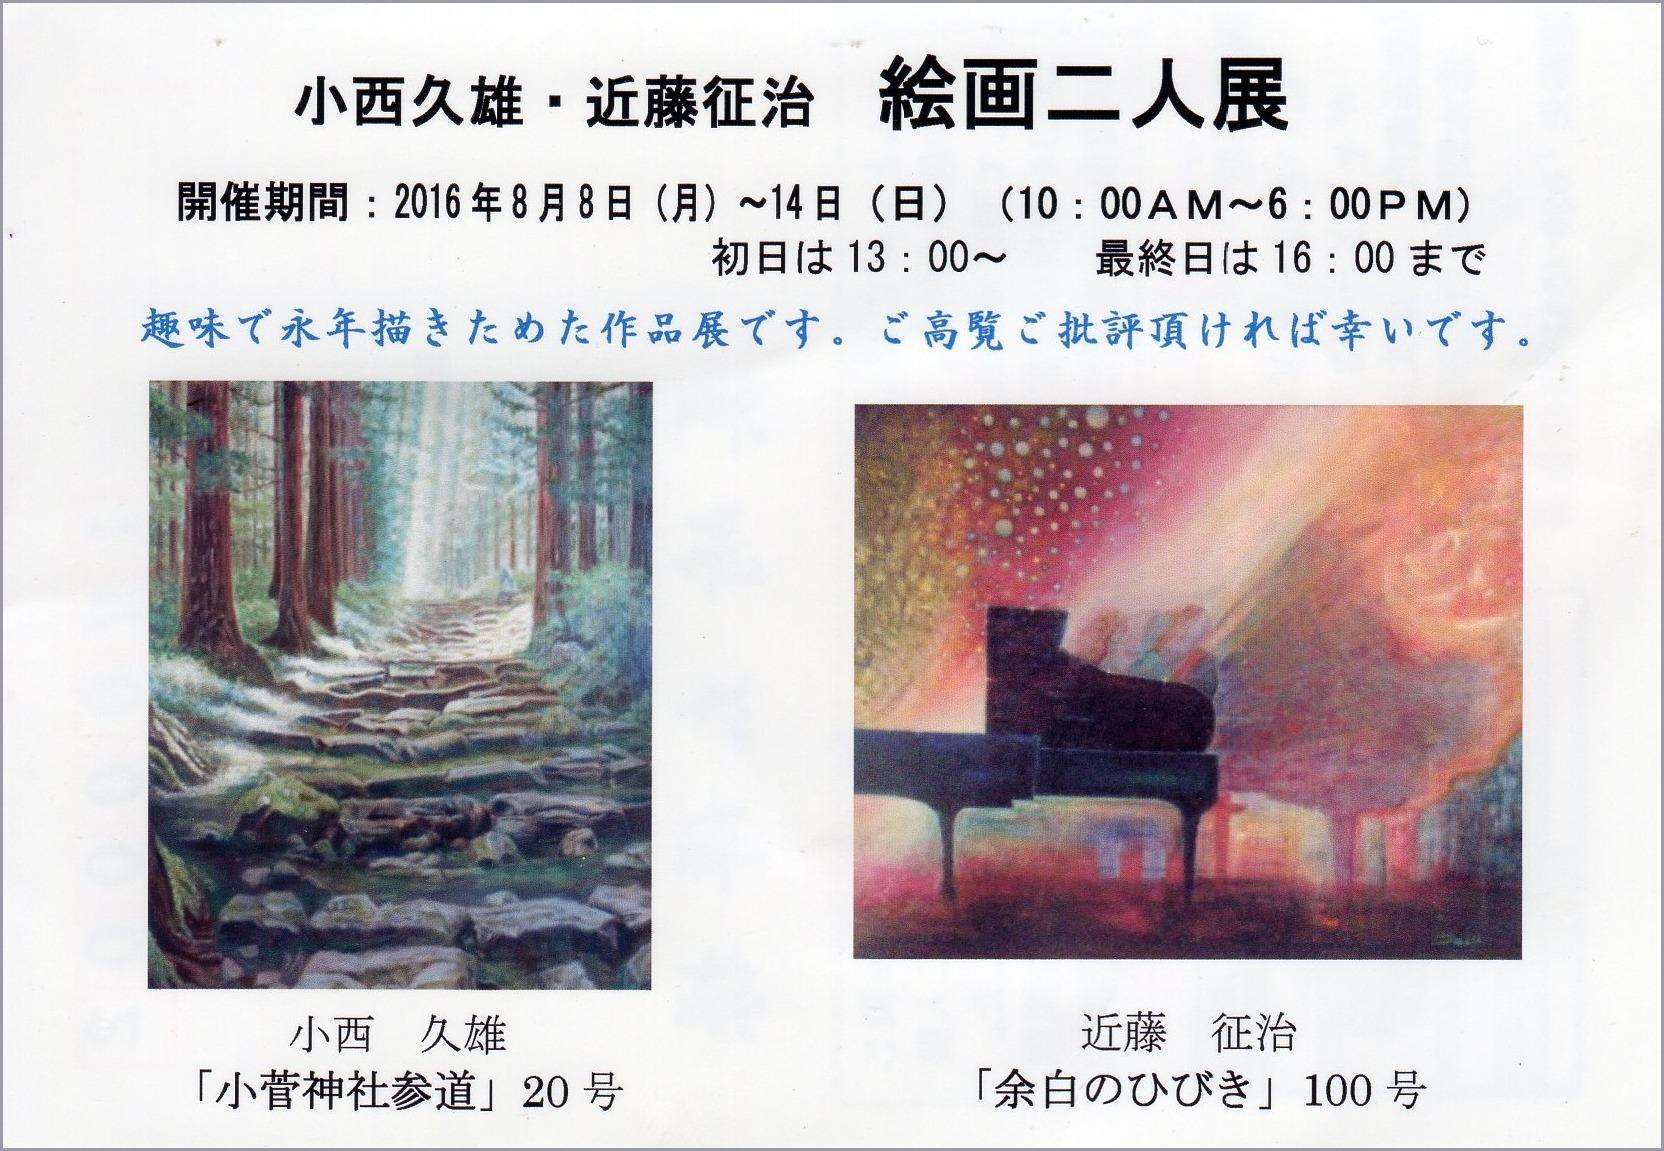 小西久雄・近藤征治 絵画二人展_a0086270_22252188.jpg